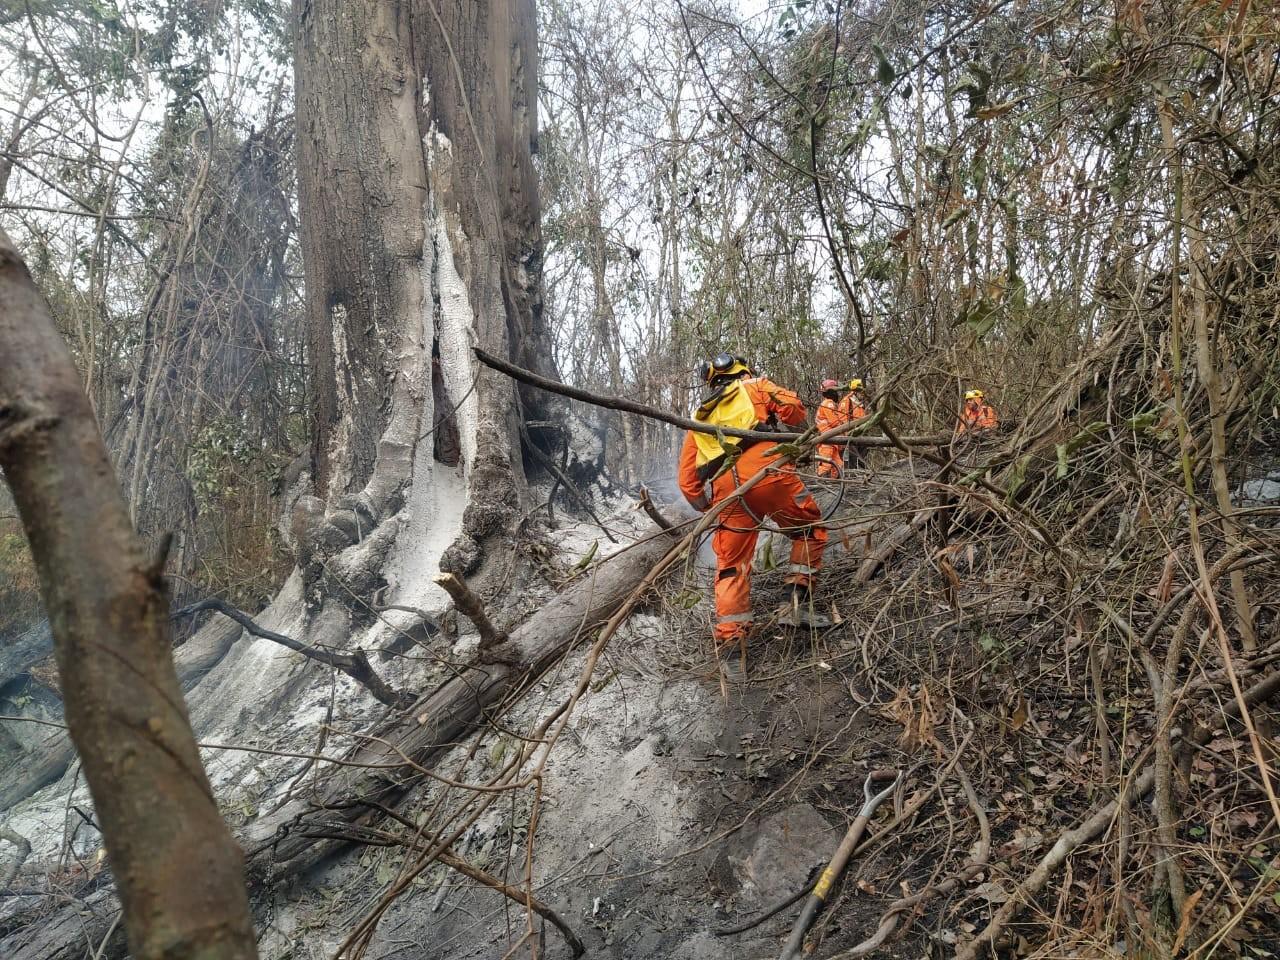 Danos causados por incêndio no Parque do Pau Furado em Uberlândia são avaliados